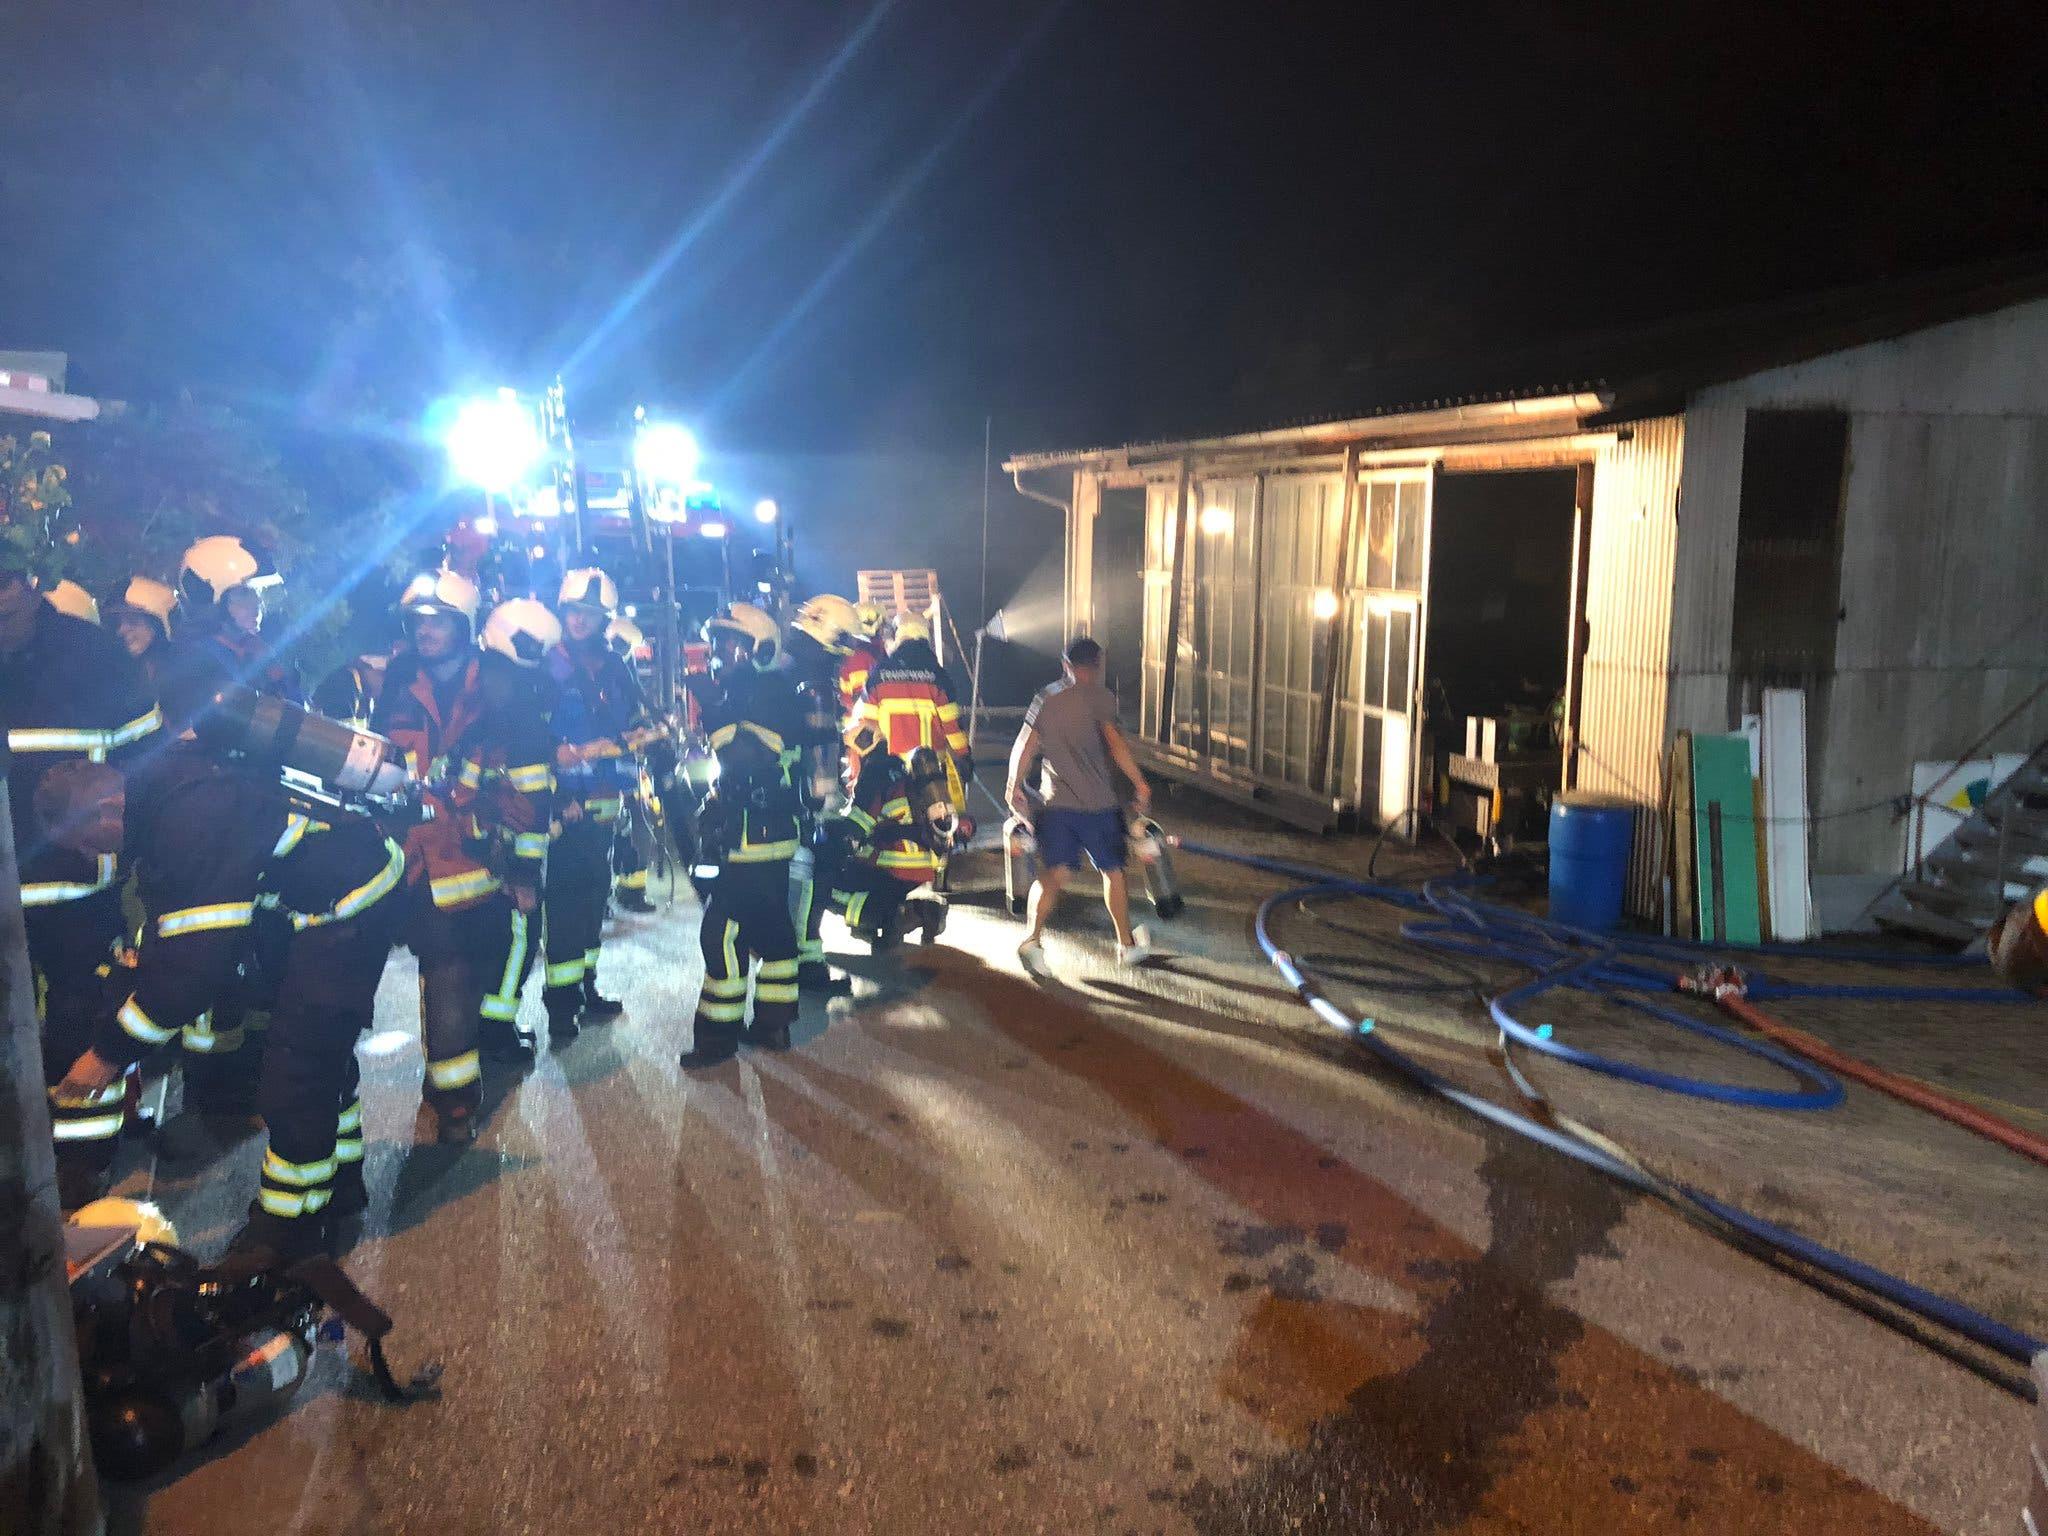 Feuerwehr, Polizei und Ambulanz sind im Einsatz. (Bild: Kapo AG)